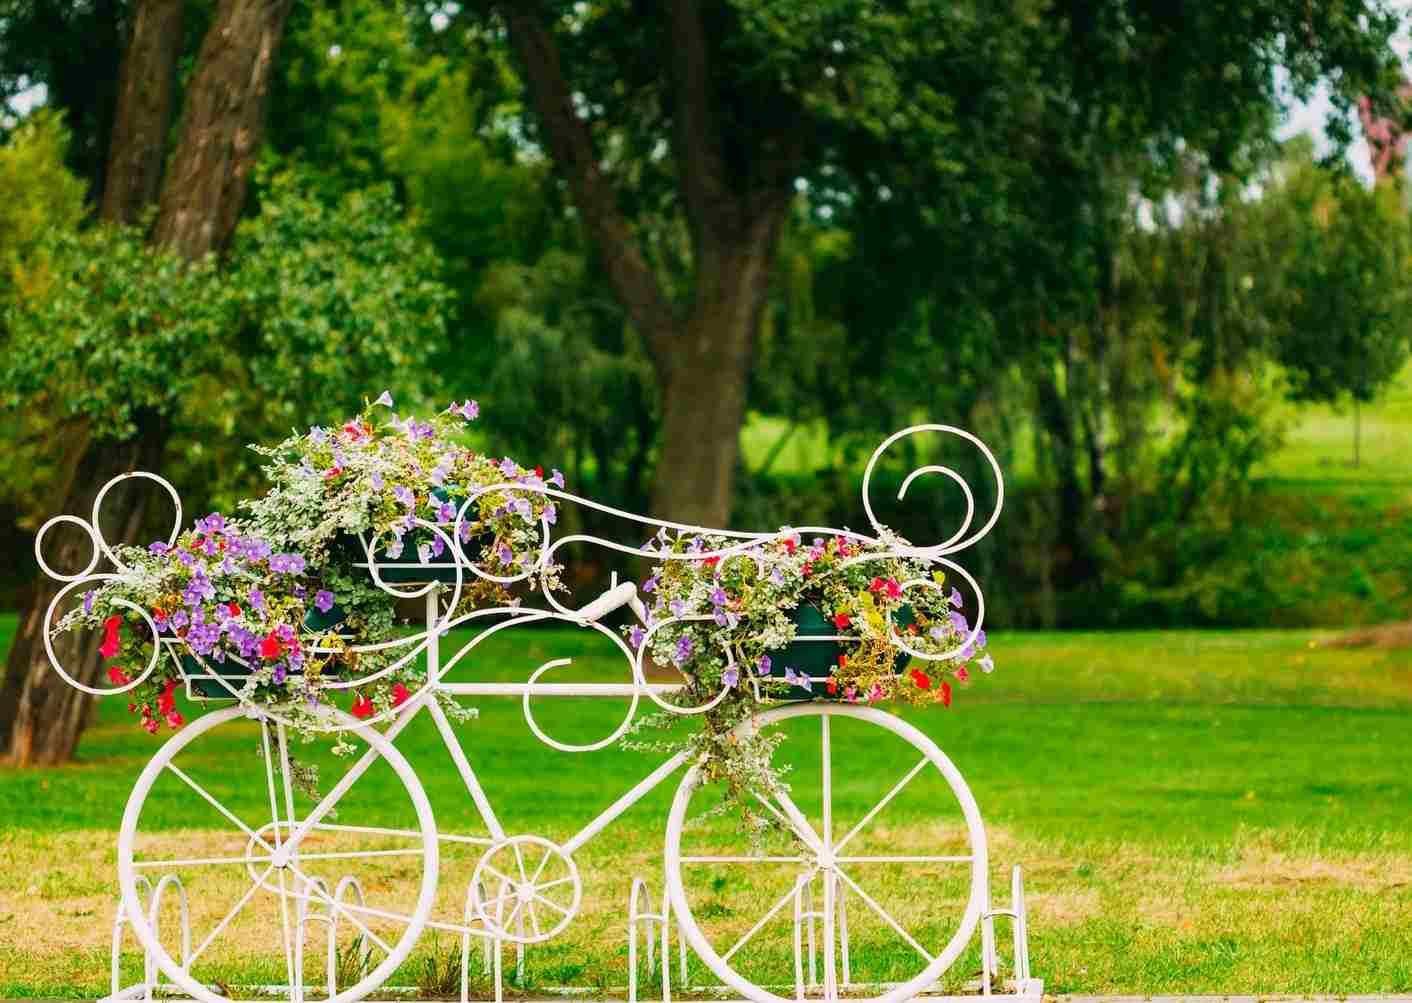 Vélo Déco Jardin En 20 Idées À Copier De Toute Urgence ... concernant Decoration De Jardin En Fer Forgé